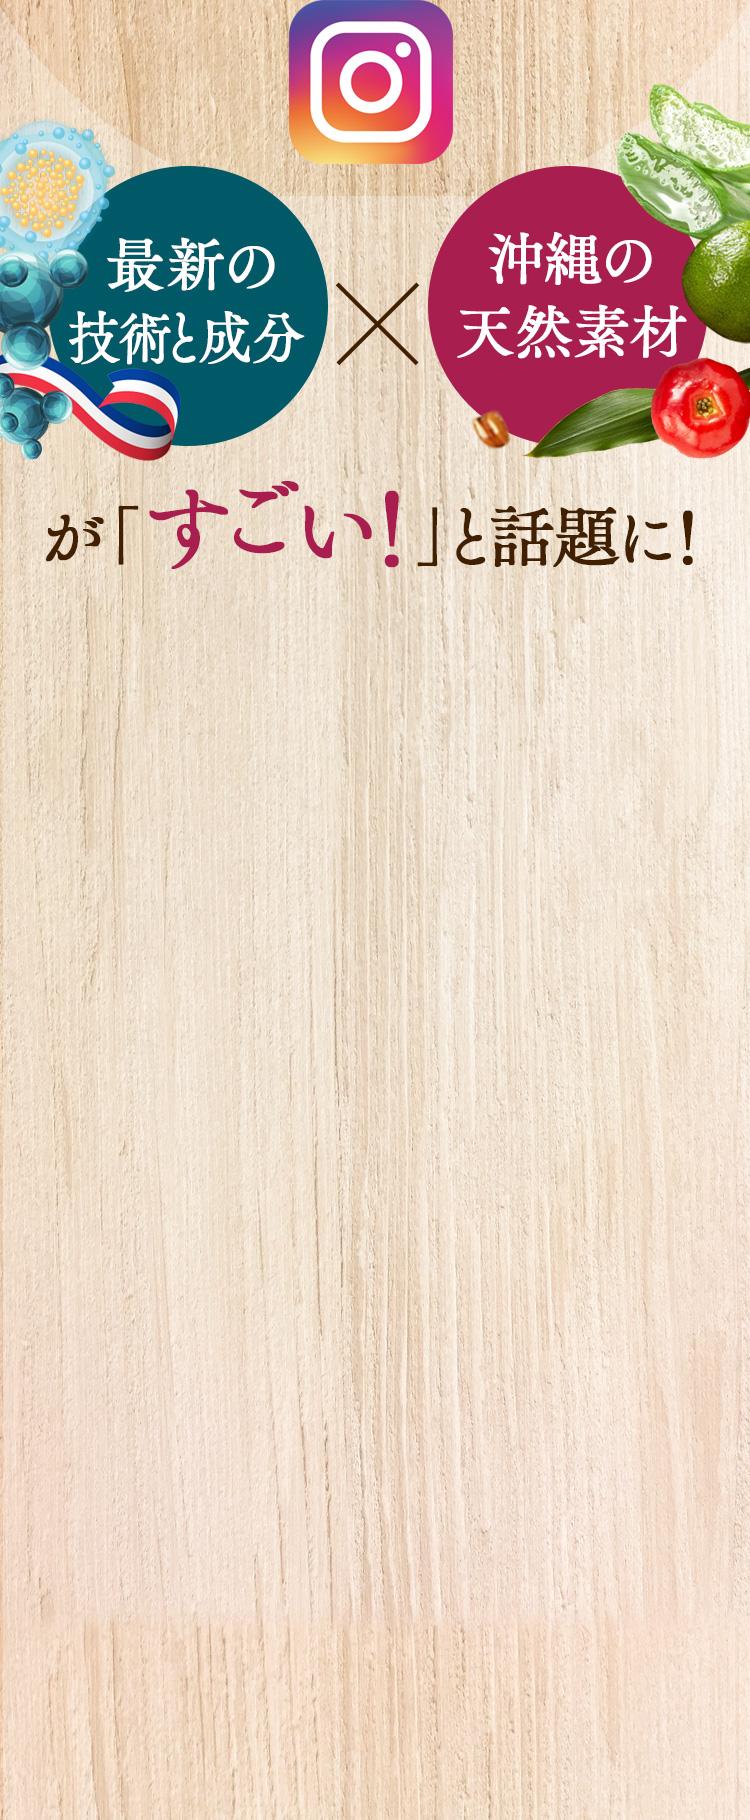 ネオ*わらびはだ 最新の技術×沖縄の天然素材が「すごい!」と話題に!